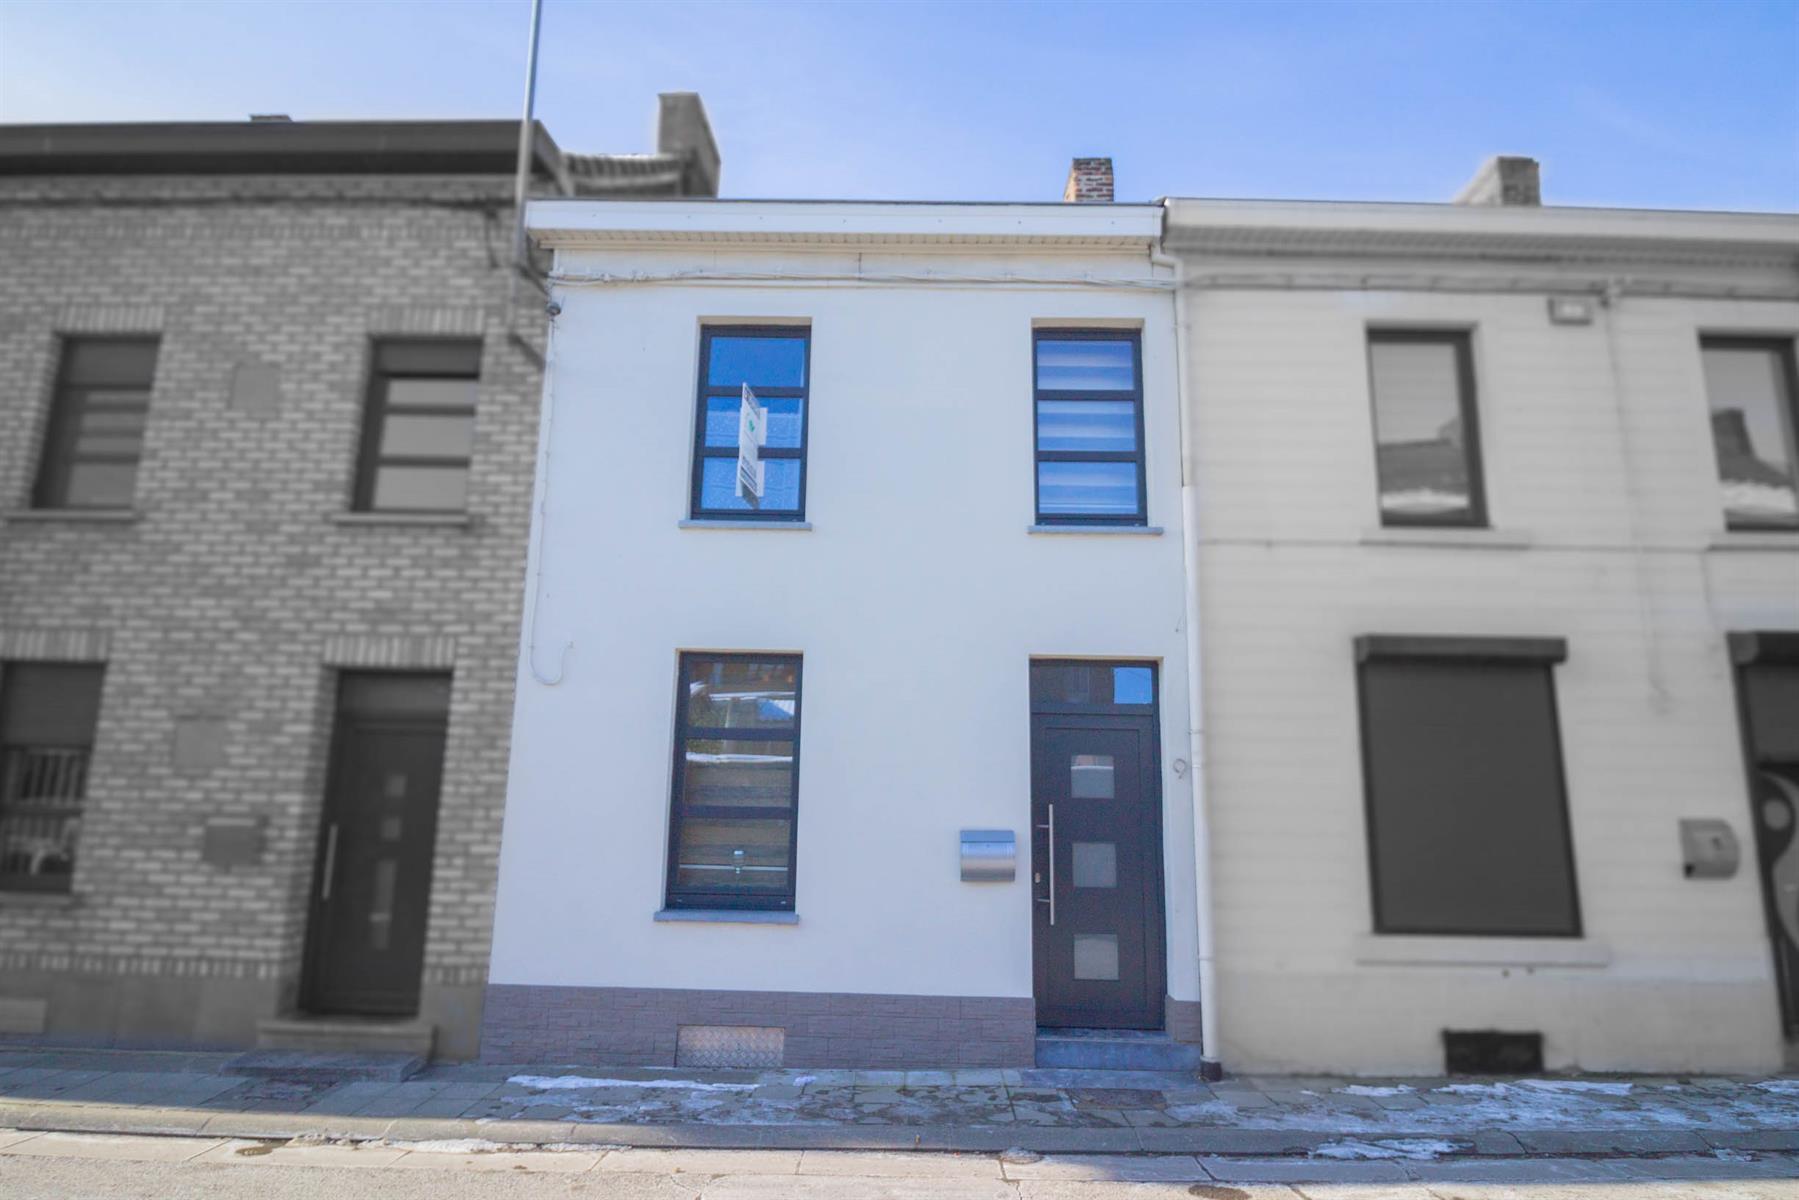 Maison - Forchies-la-Marche - #4281421-0